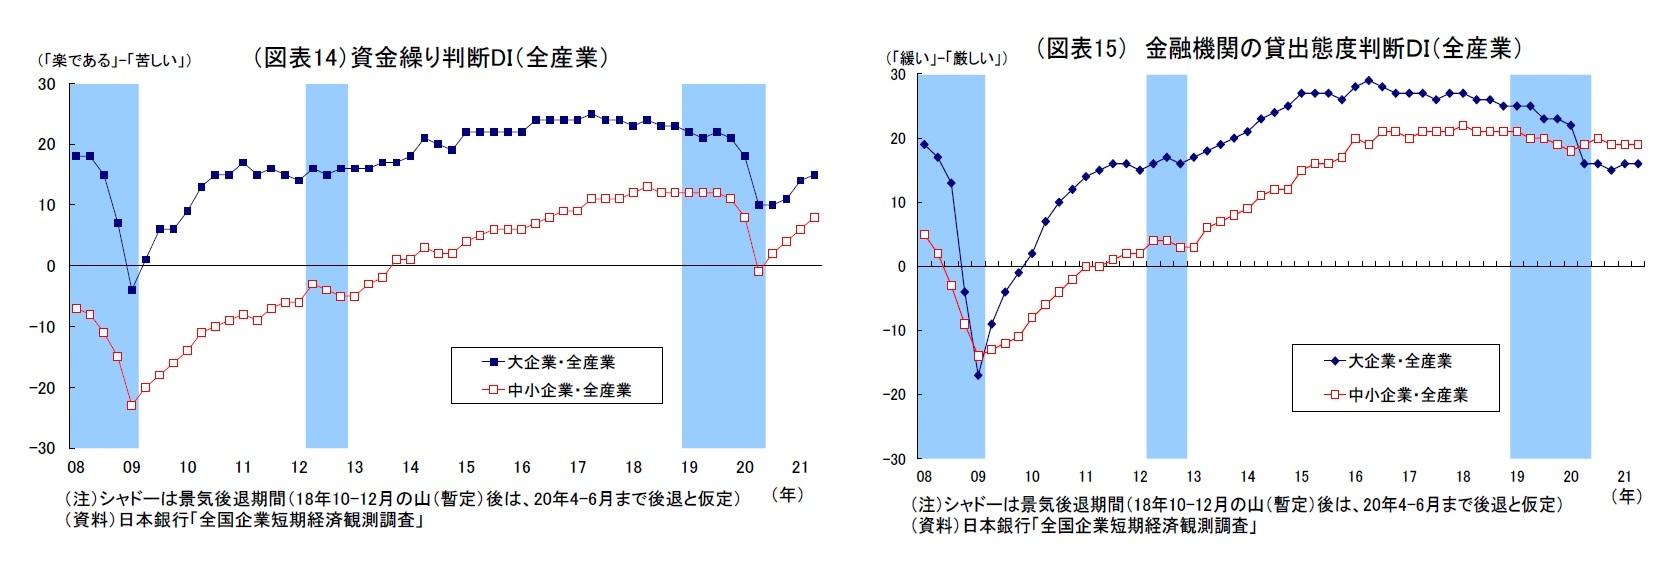 (図表14)資金繰り判断DI(全産業)/(図表15) 金融機関の貸出態度判断DI(全産業)